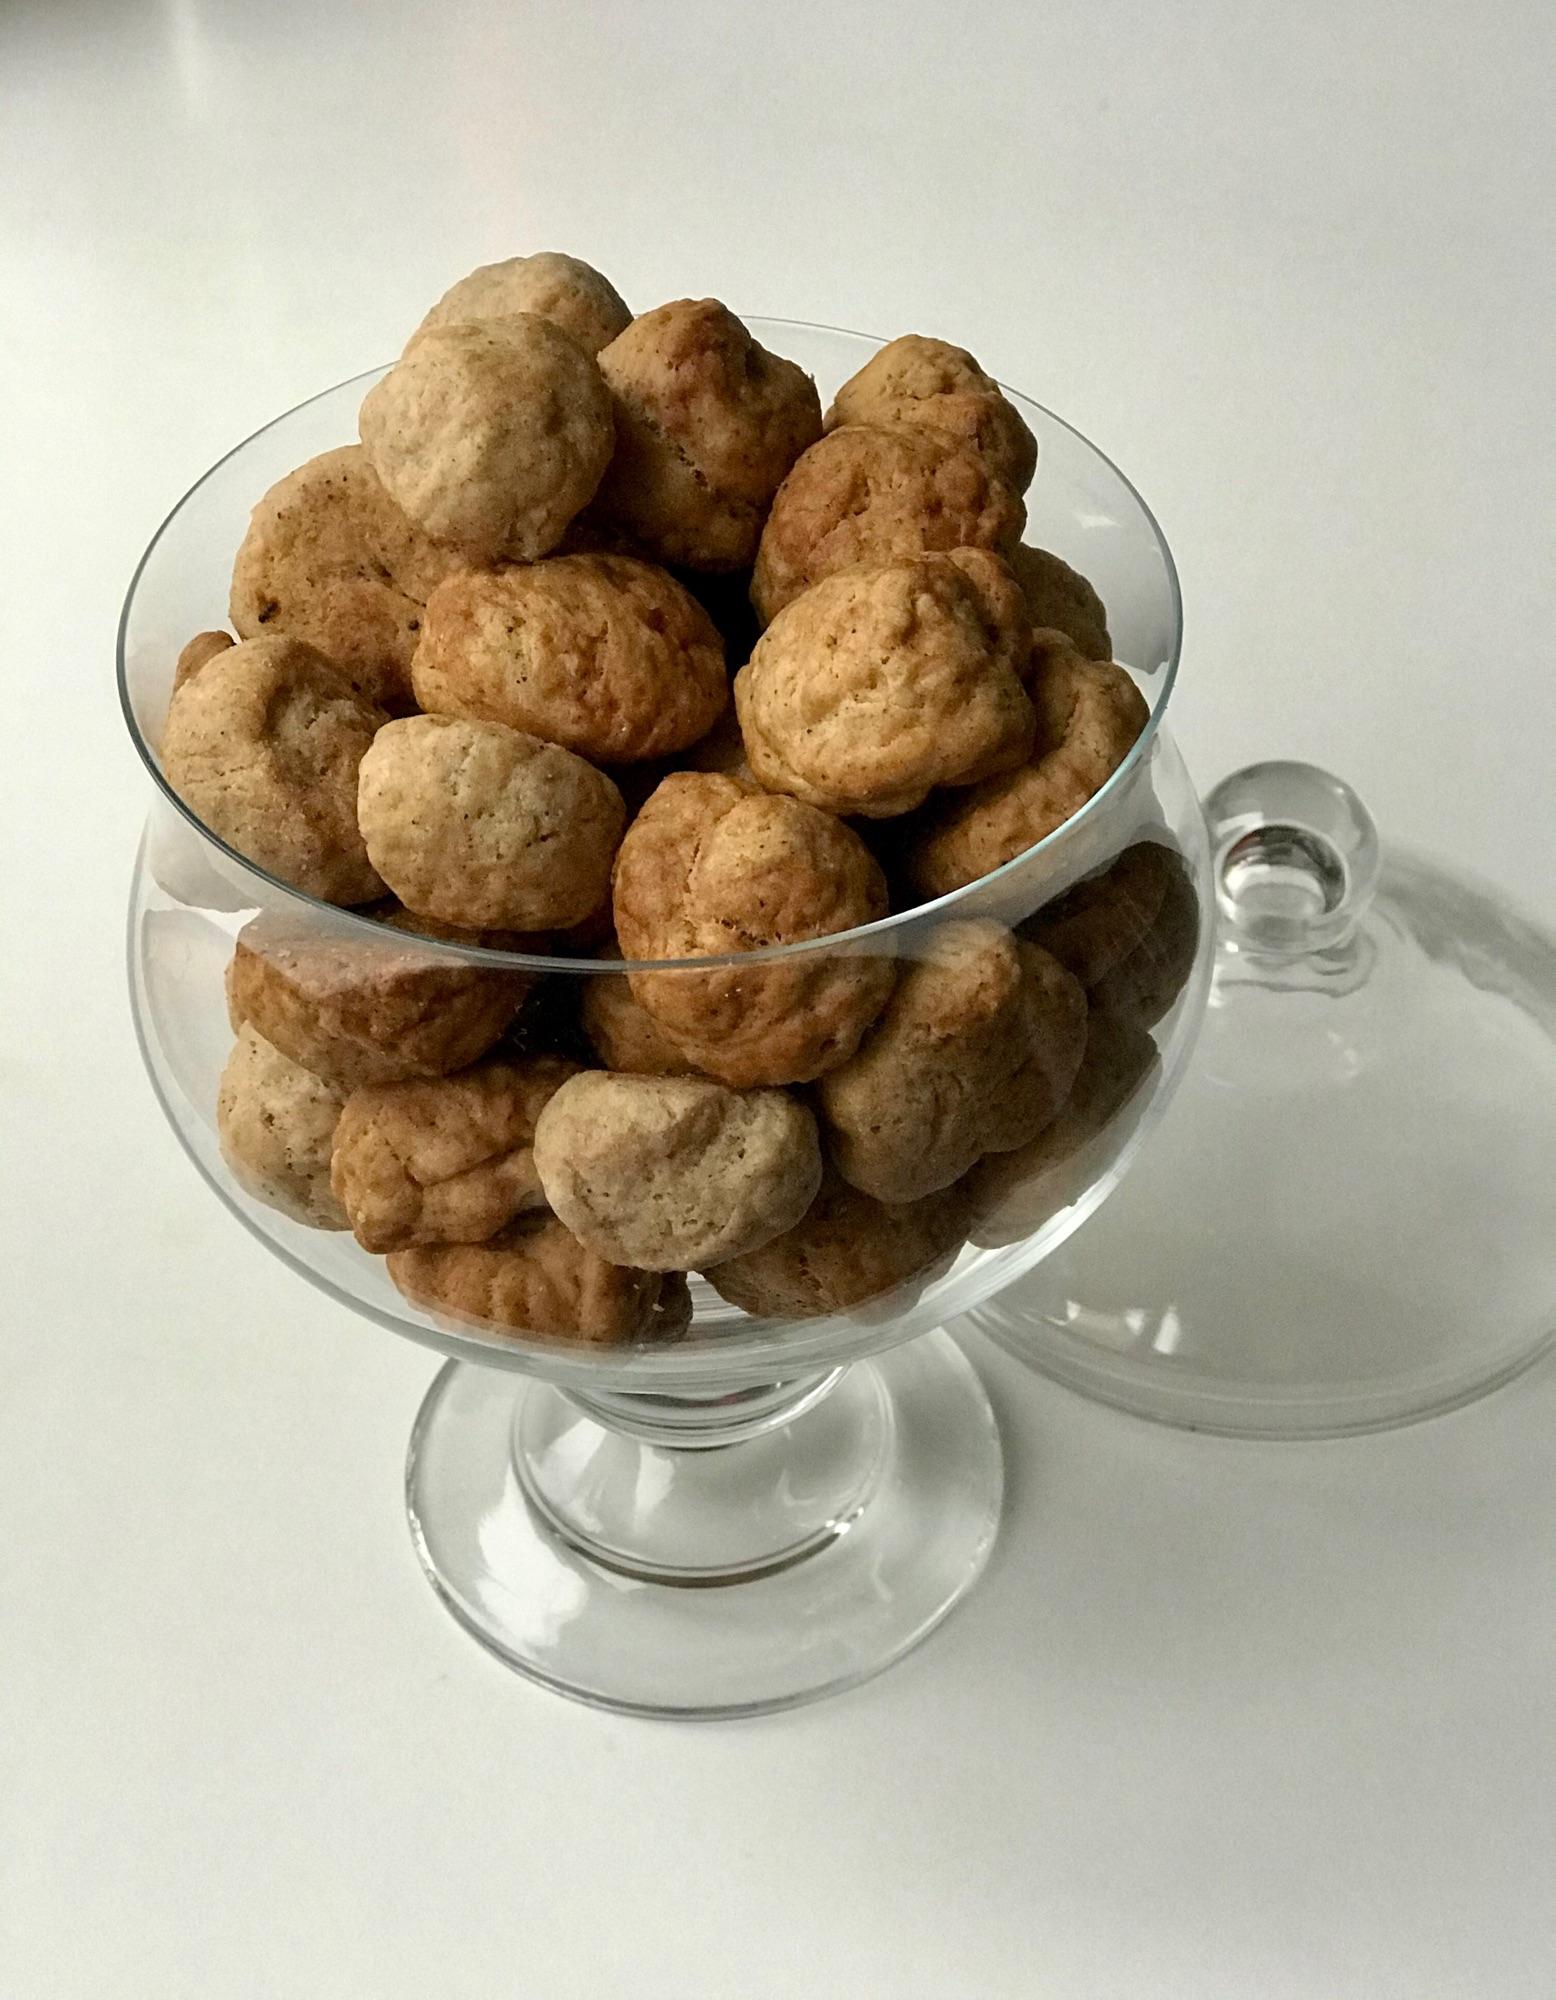 Простой рецепт хрустящего пряного печенья на основе муки масла сахара и пряностей для имбирных пряников